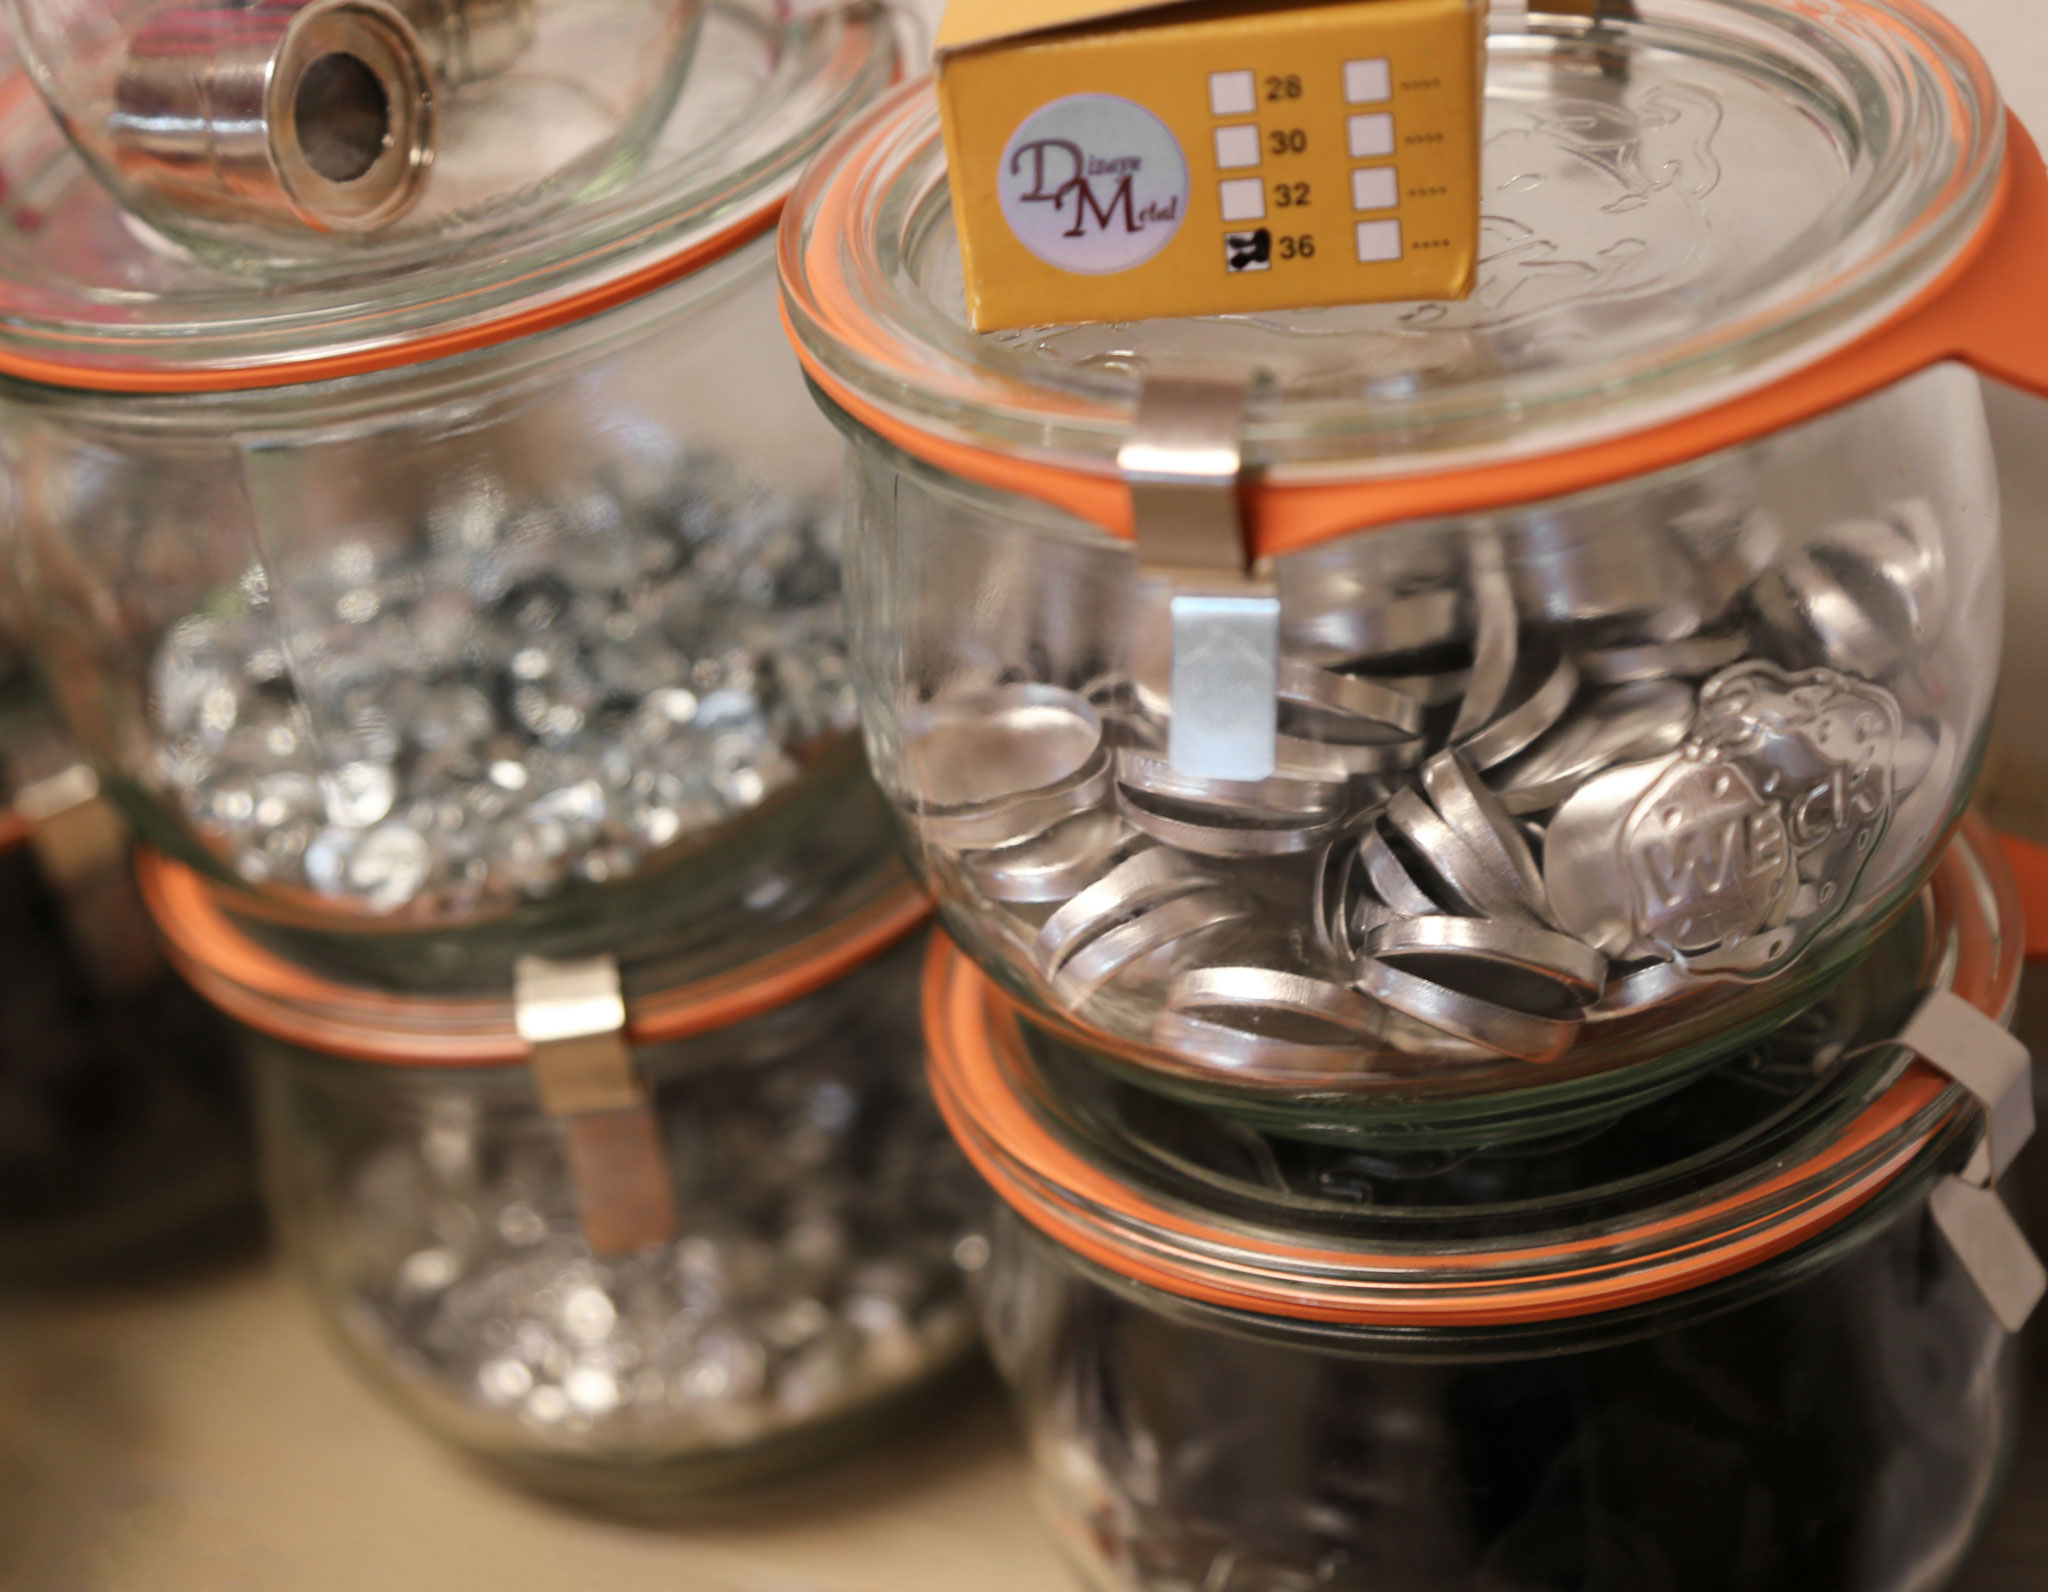 Knopfrohlinge in Einmachgläsern und Werkzeug